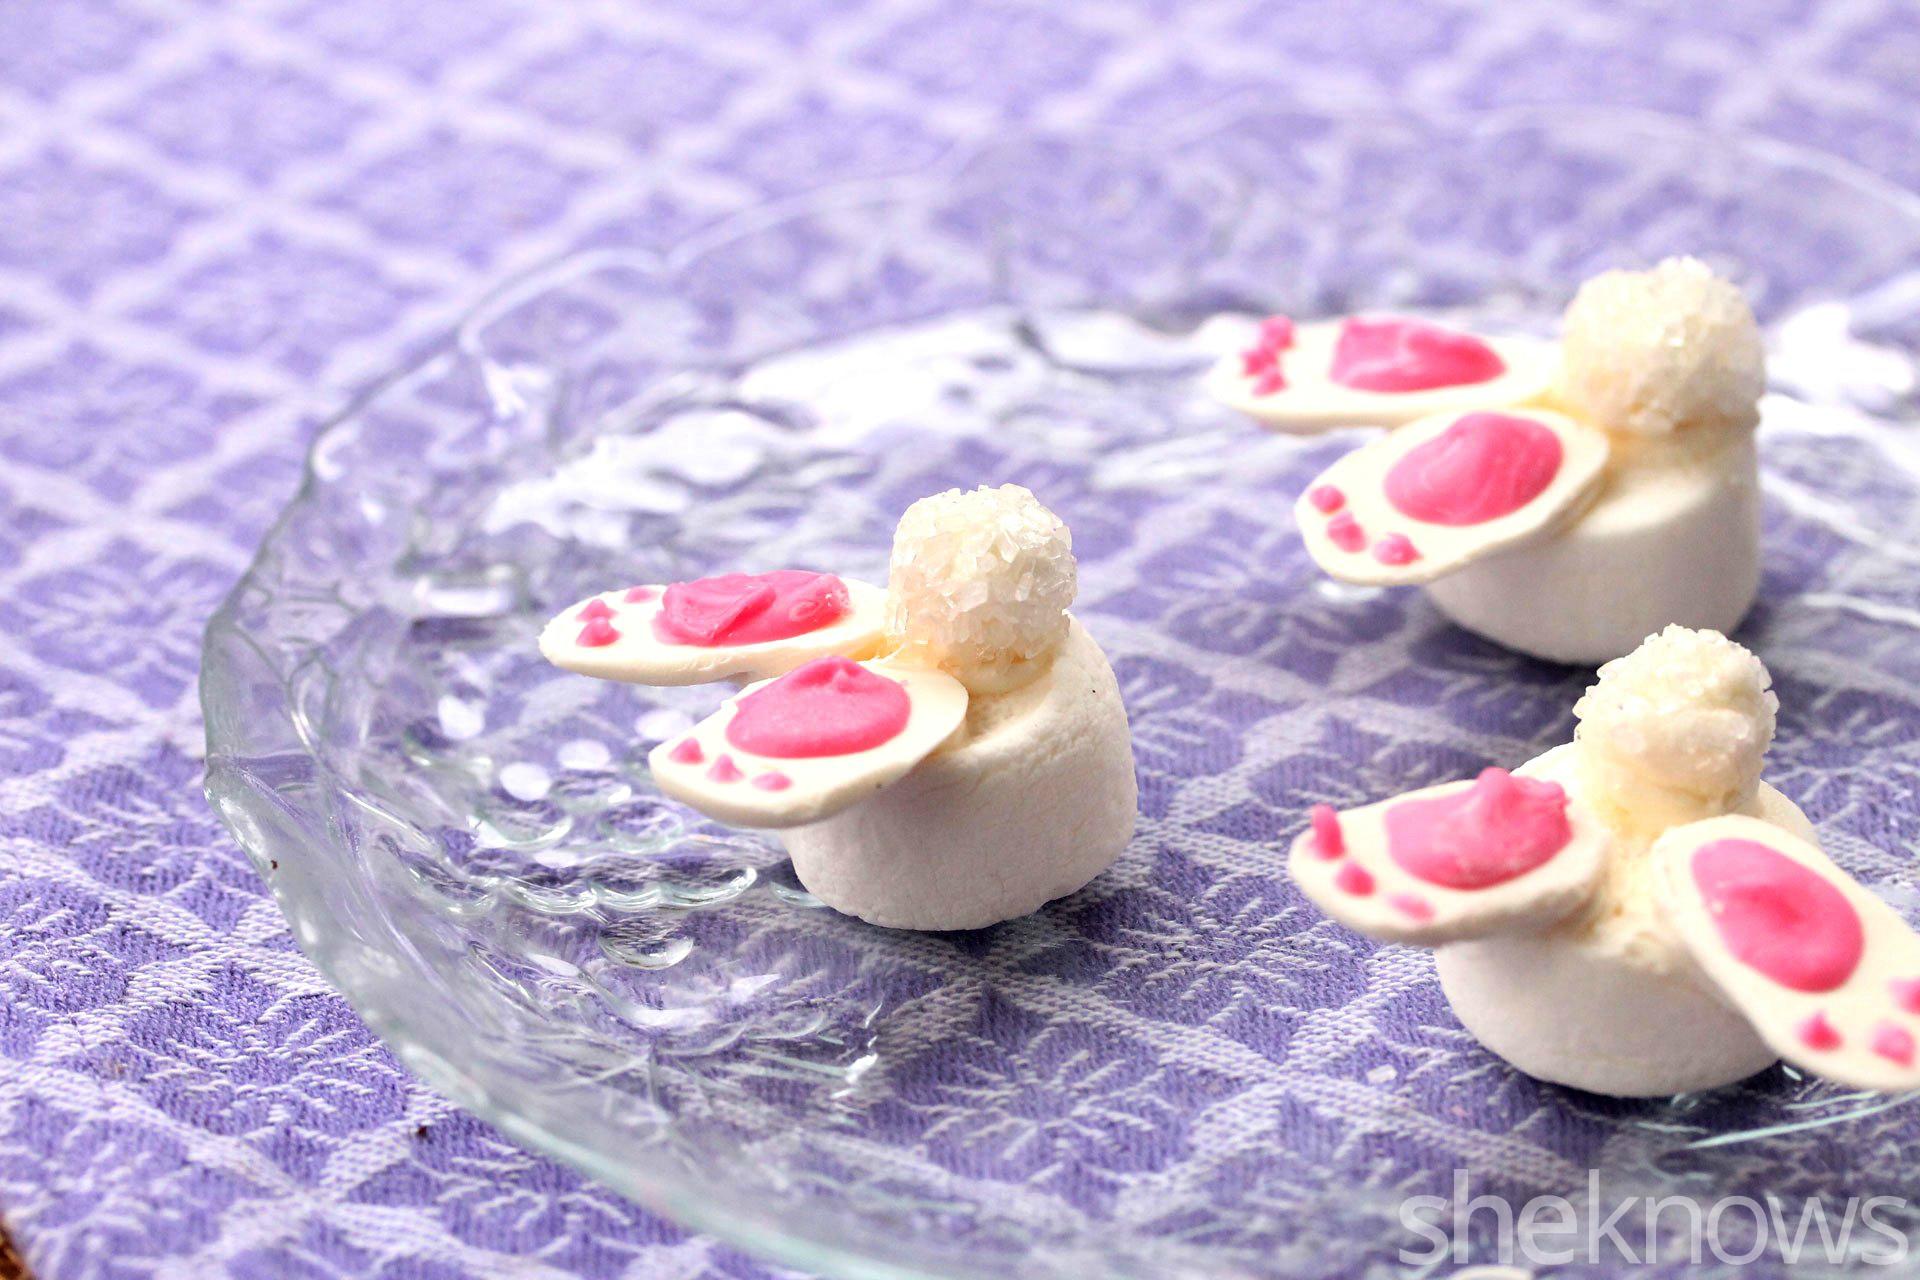 bunny marshmallow feet on plate